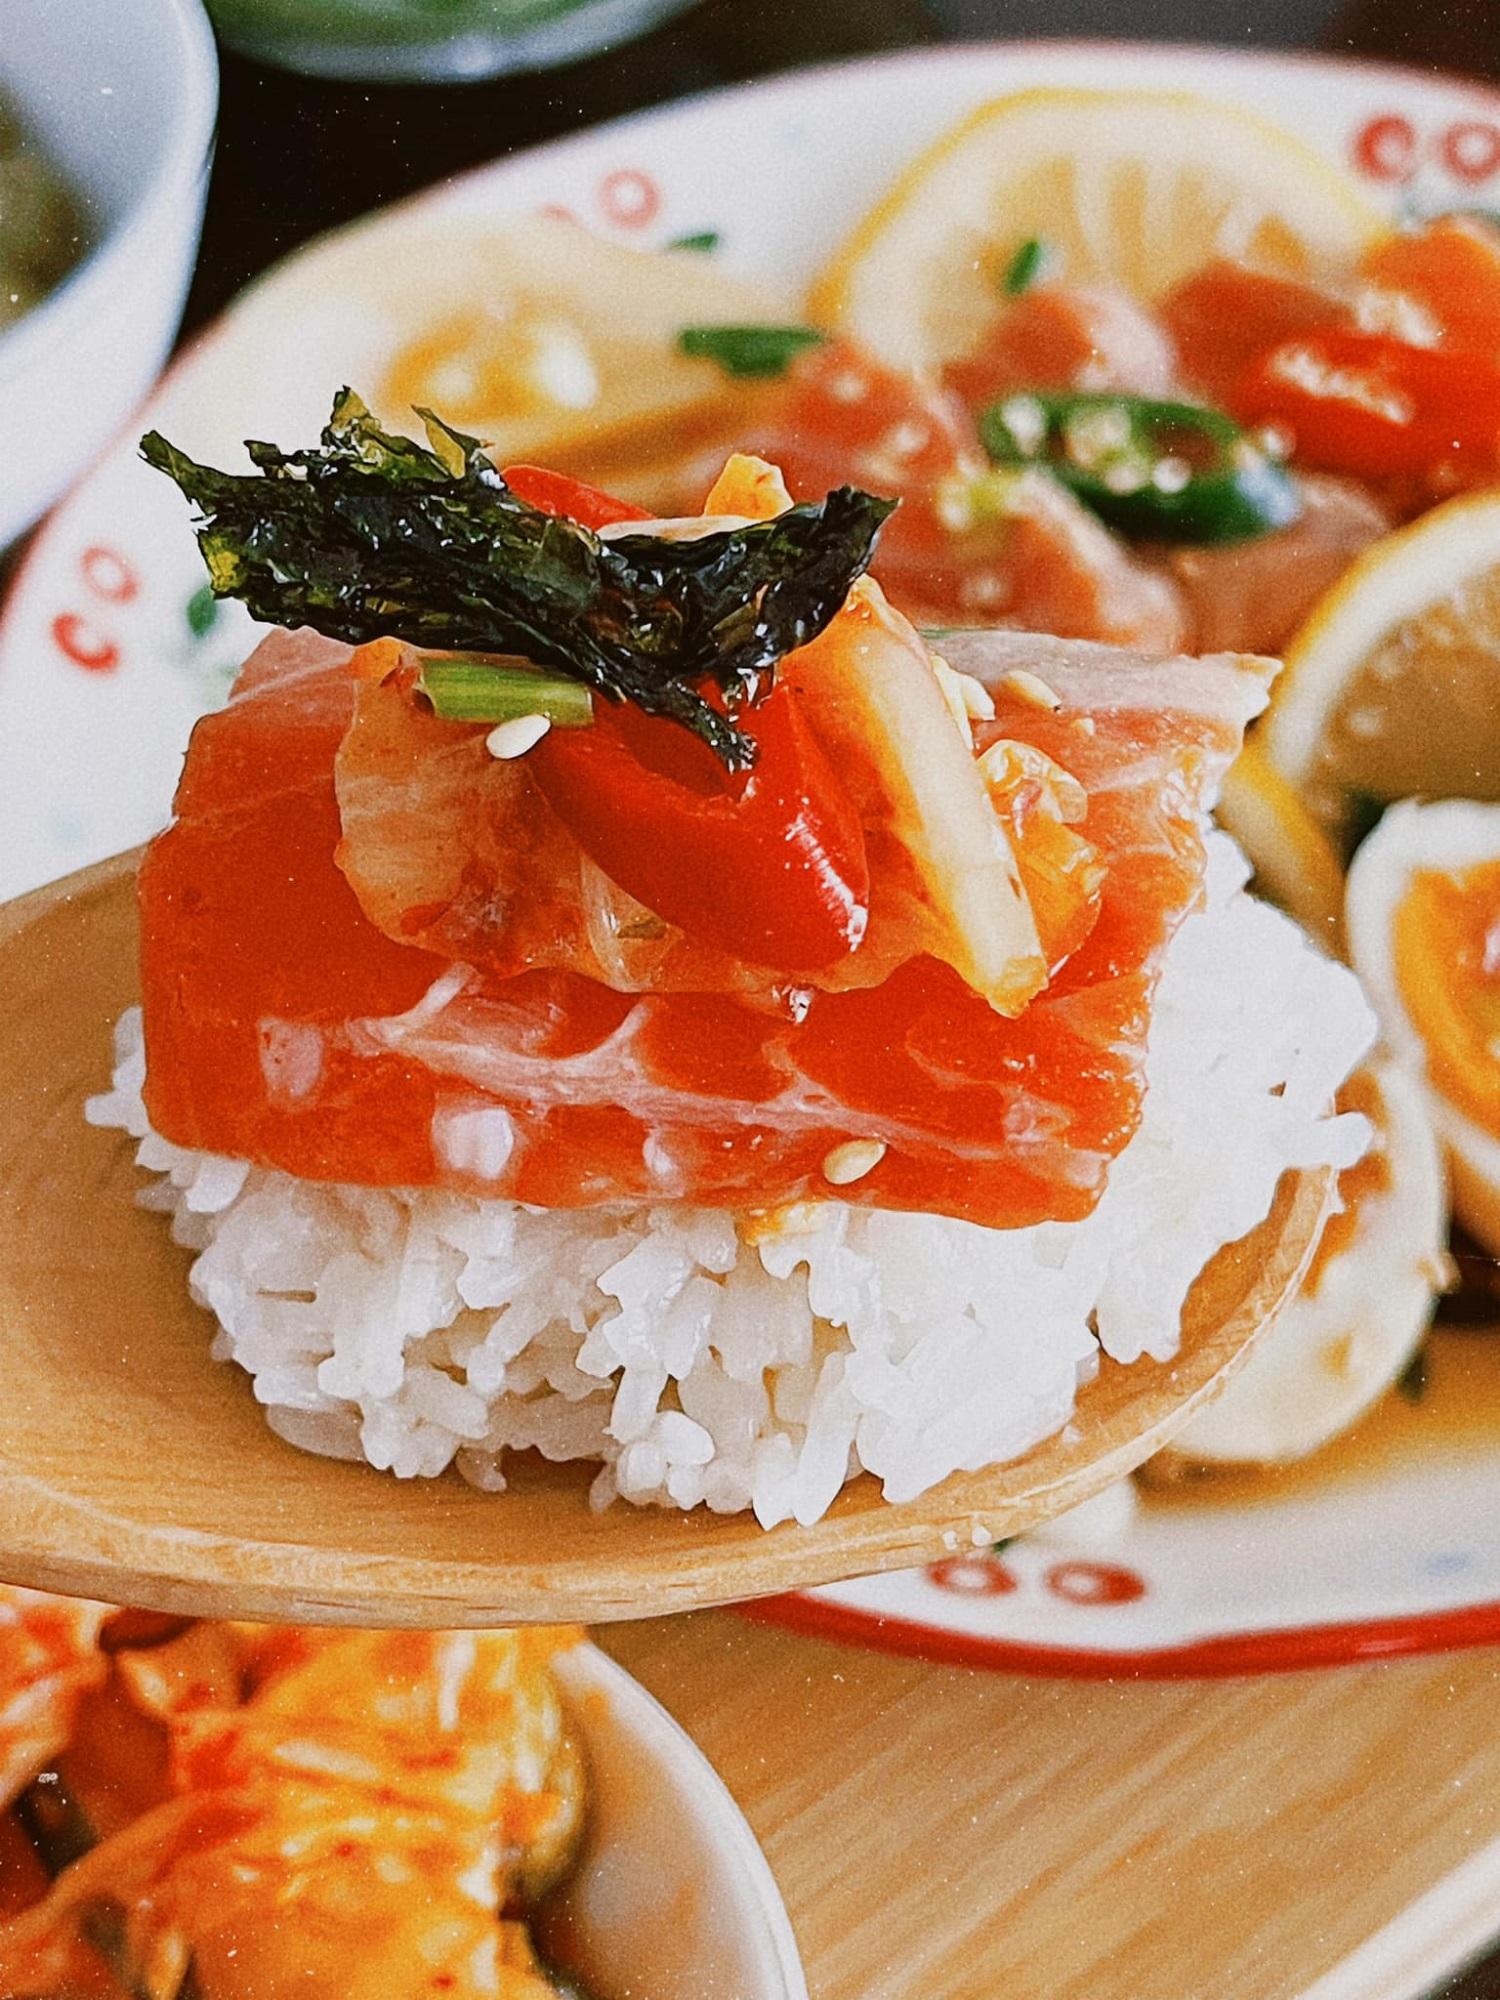 Cách làm cá hồi ngâm tương đậm vị, đưa cơm - ăn một miếng 'tay chân quắn quéo' vì quá ngon - Ảnh 9